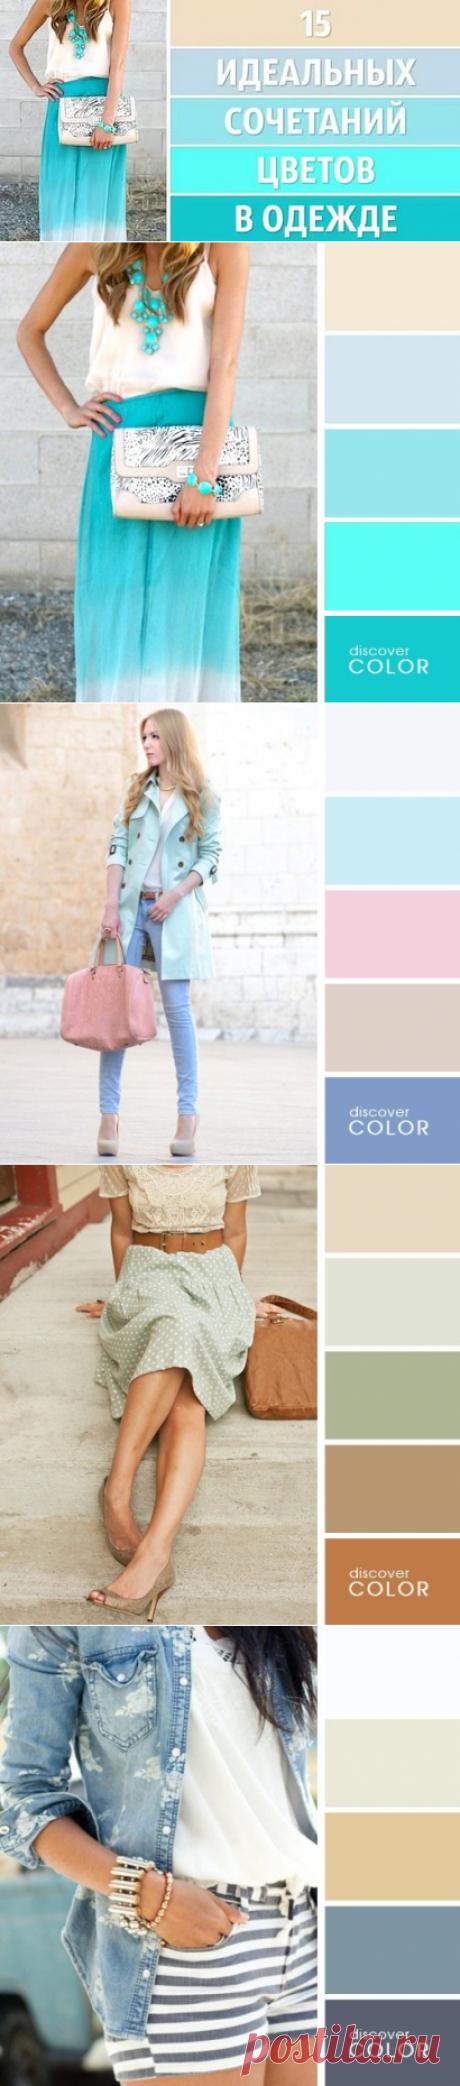 16 идеальных сочетаний цветов в одежде. Для всех модниц!